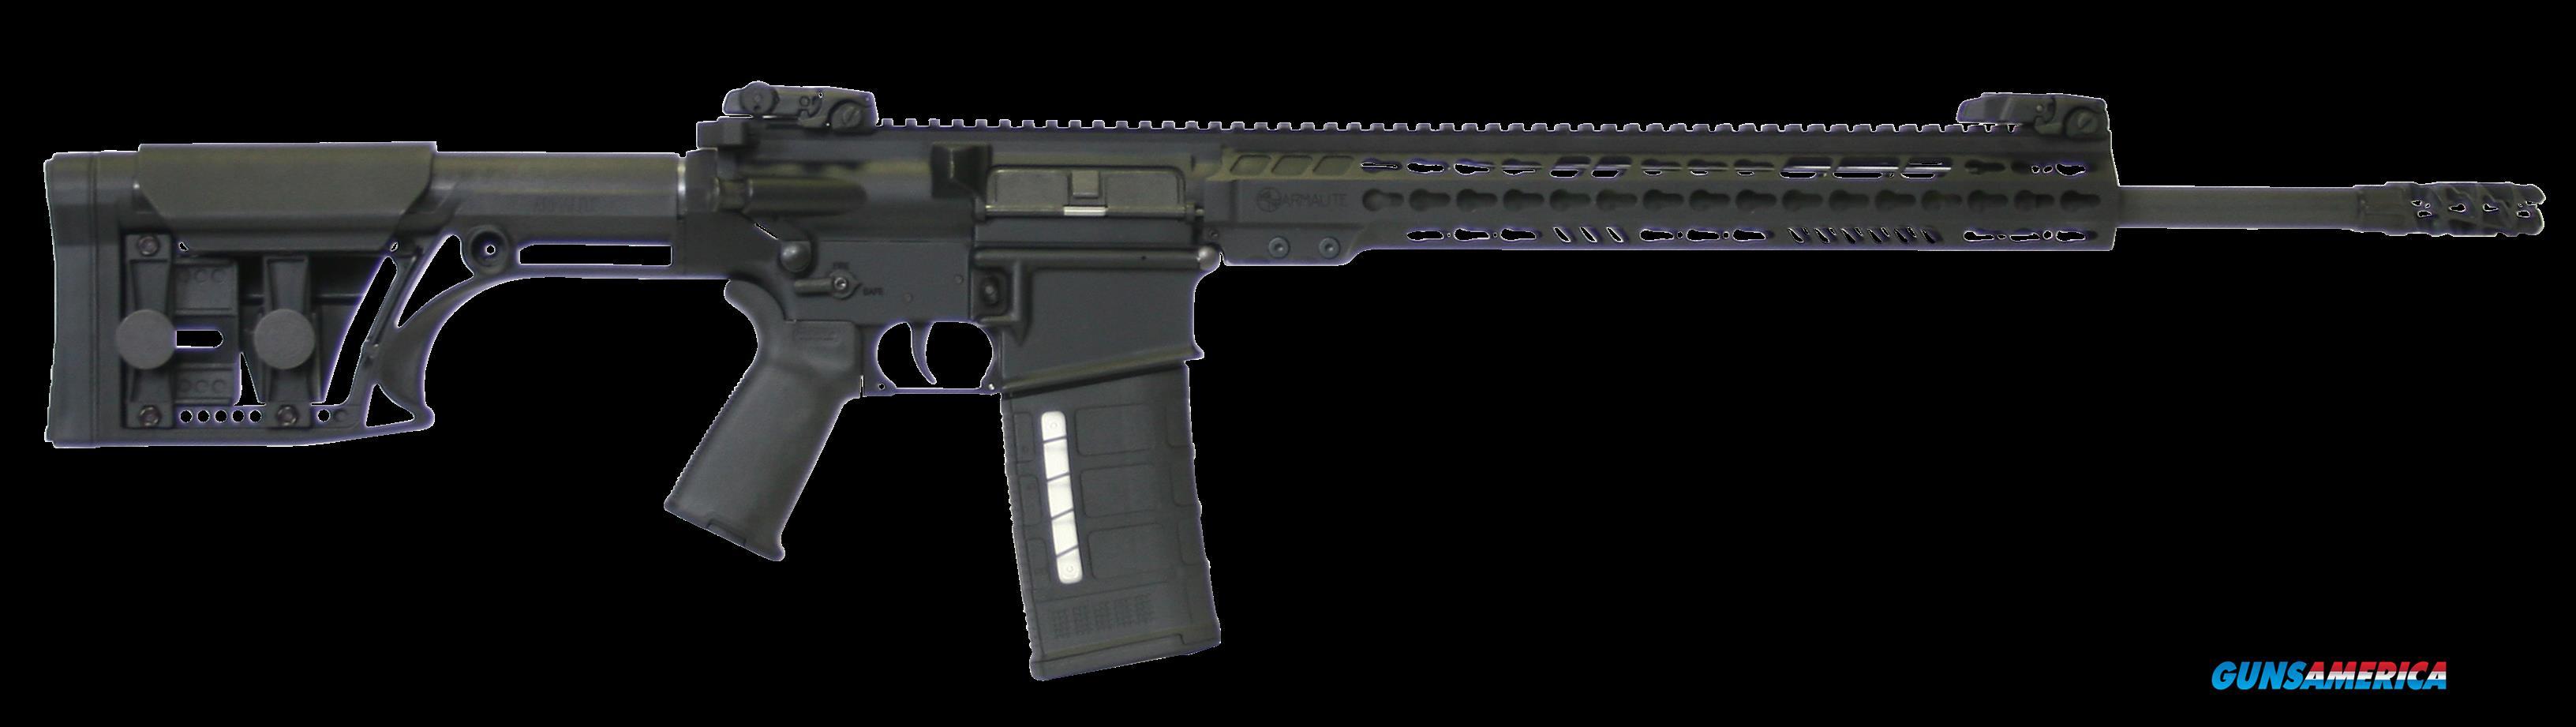 Armalite Ar-10, Arml Ar10tac20    Ar10 308 Tact        20  Guns > Pistols > 1911 Pistol Copies (non-Colt)